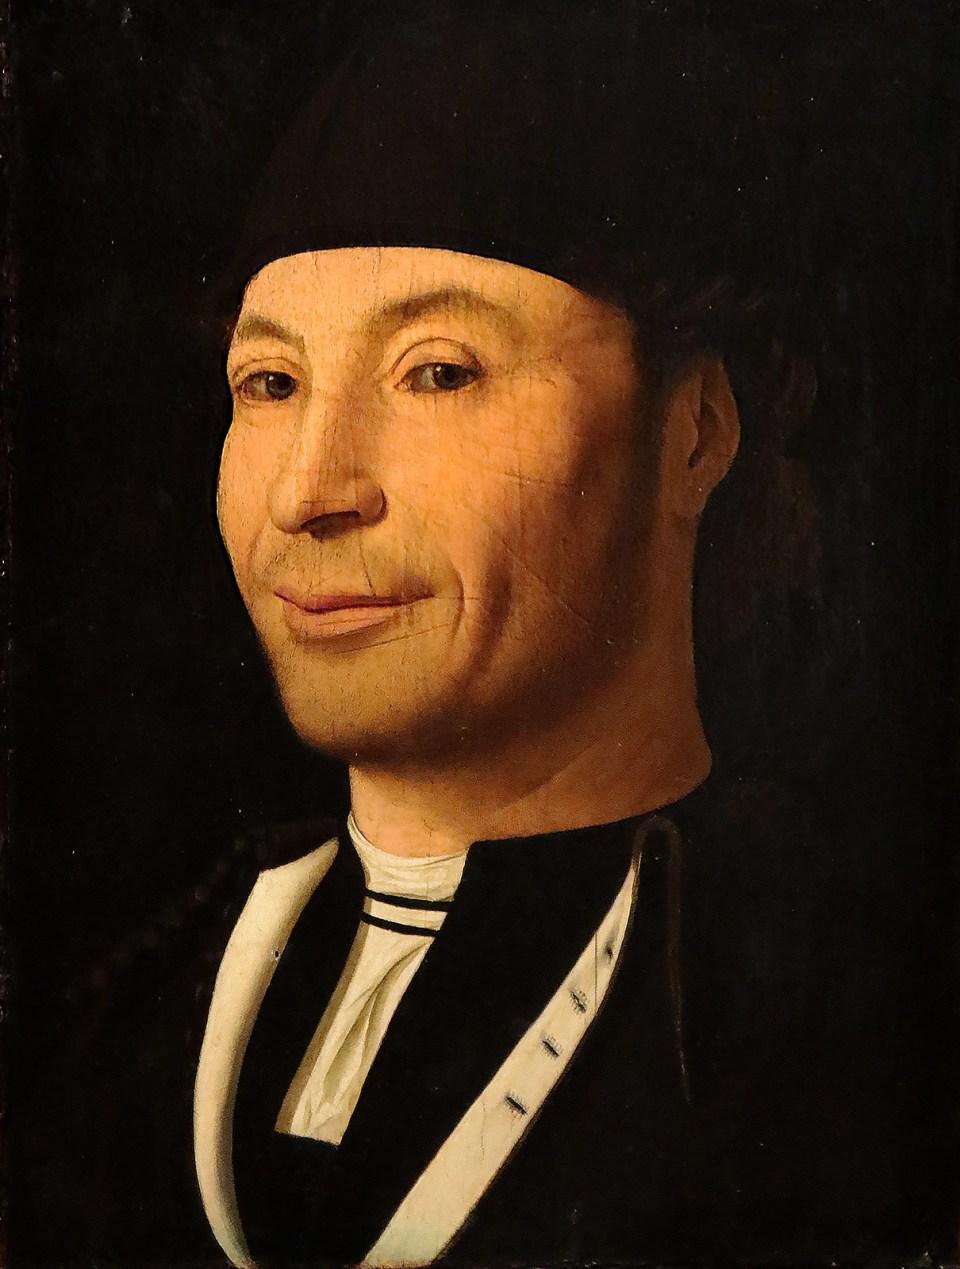 Antonello da Messina (Antonio di Giovanni de Antonio - Messina, 1430 – Messina, febbraio 1479)